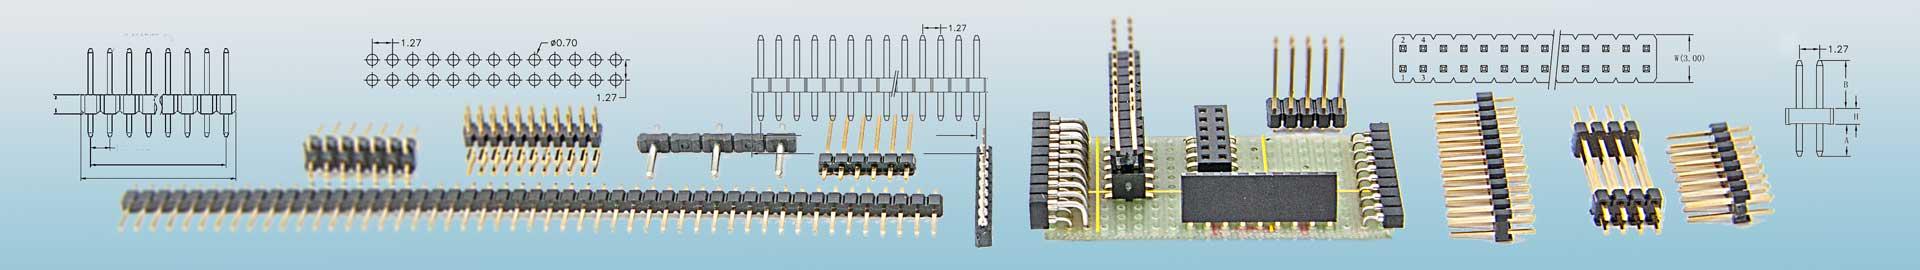 Die Stiftleisten als Basiselement der Steckverbinder